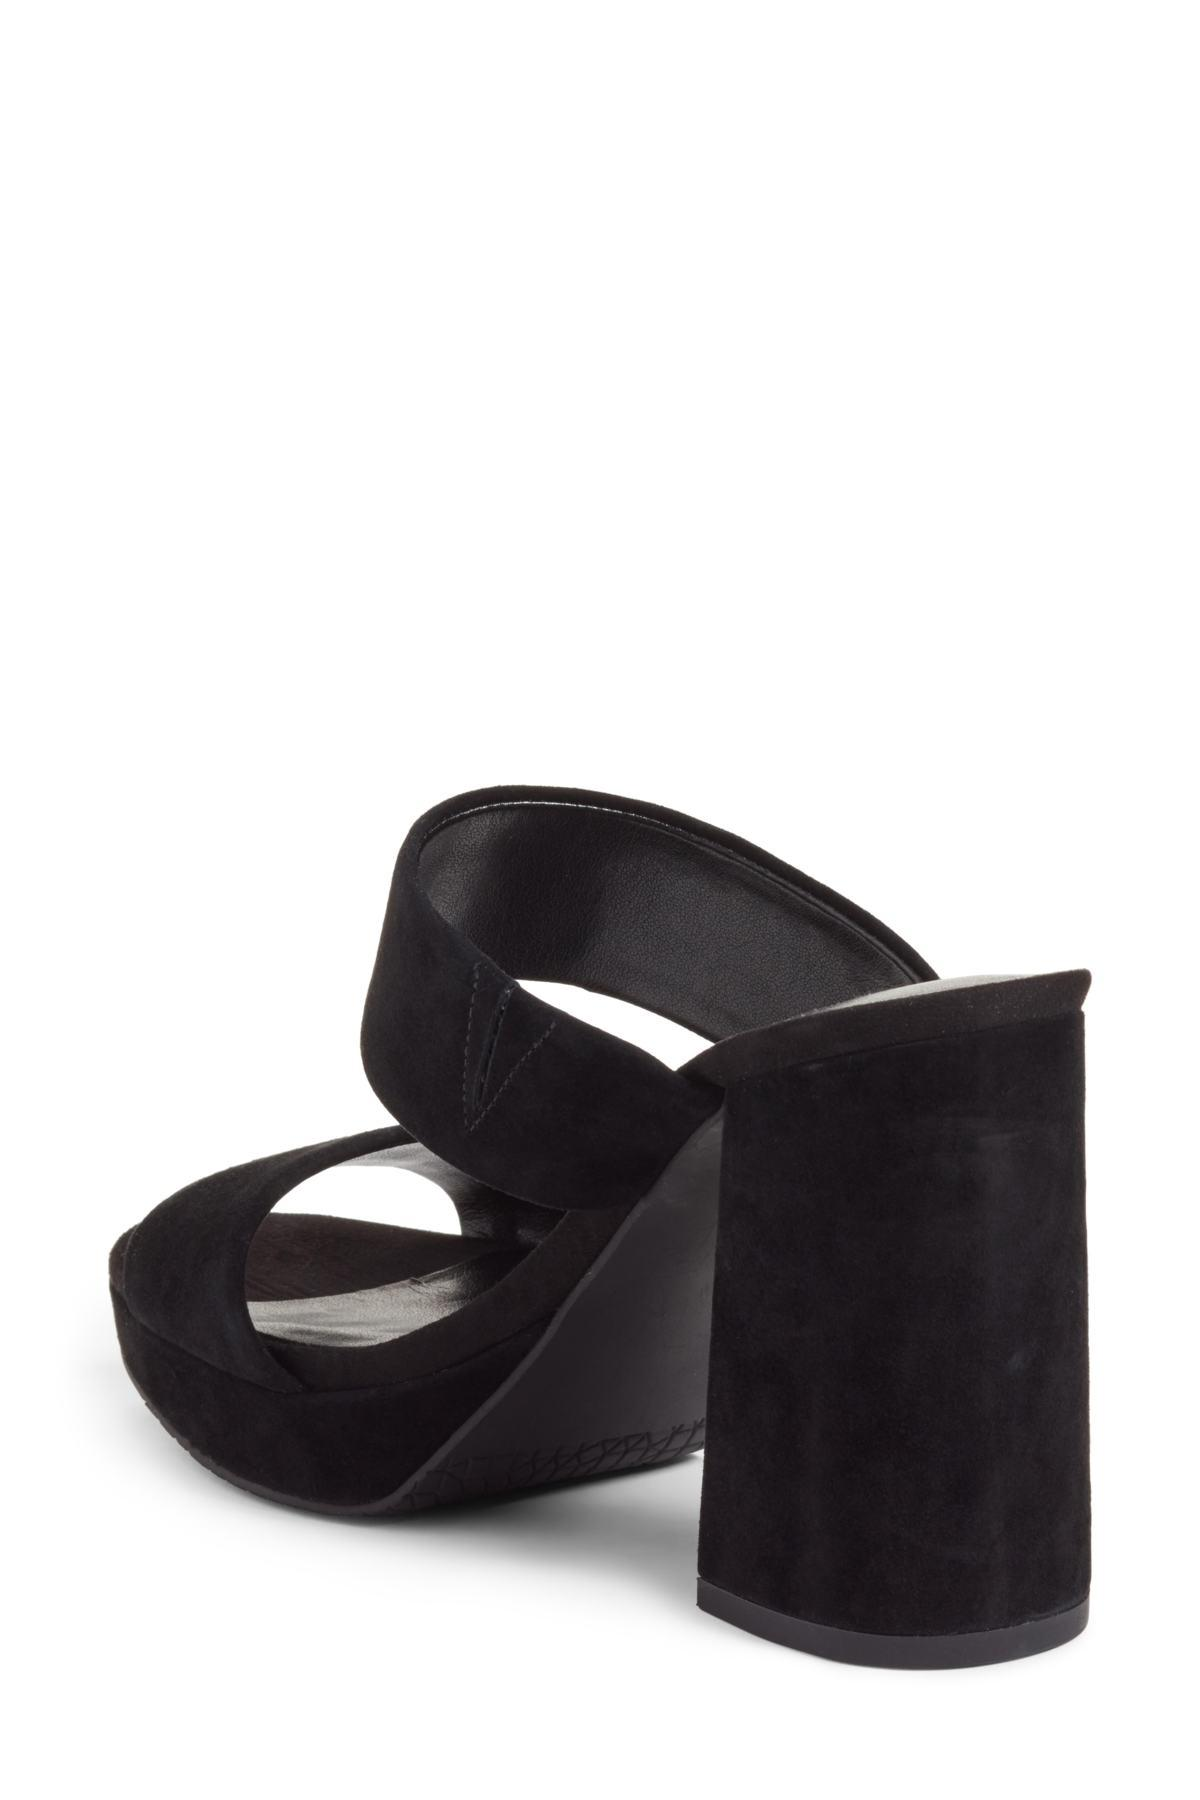 36153ced1389 Lyst - BP. Sophia Platform Sandal in Black